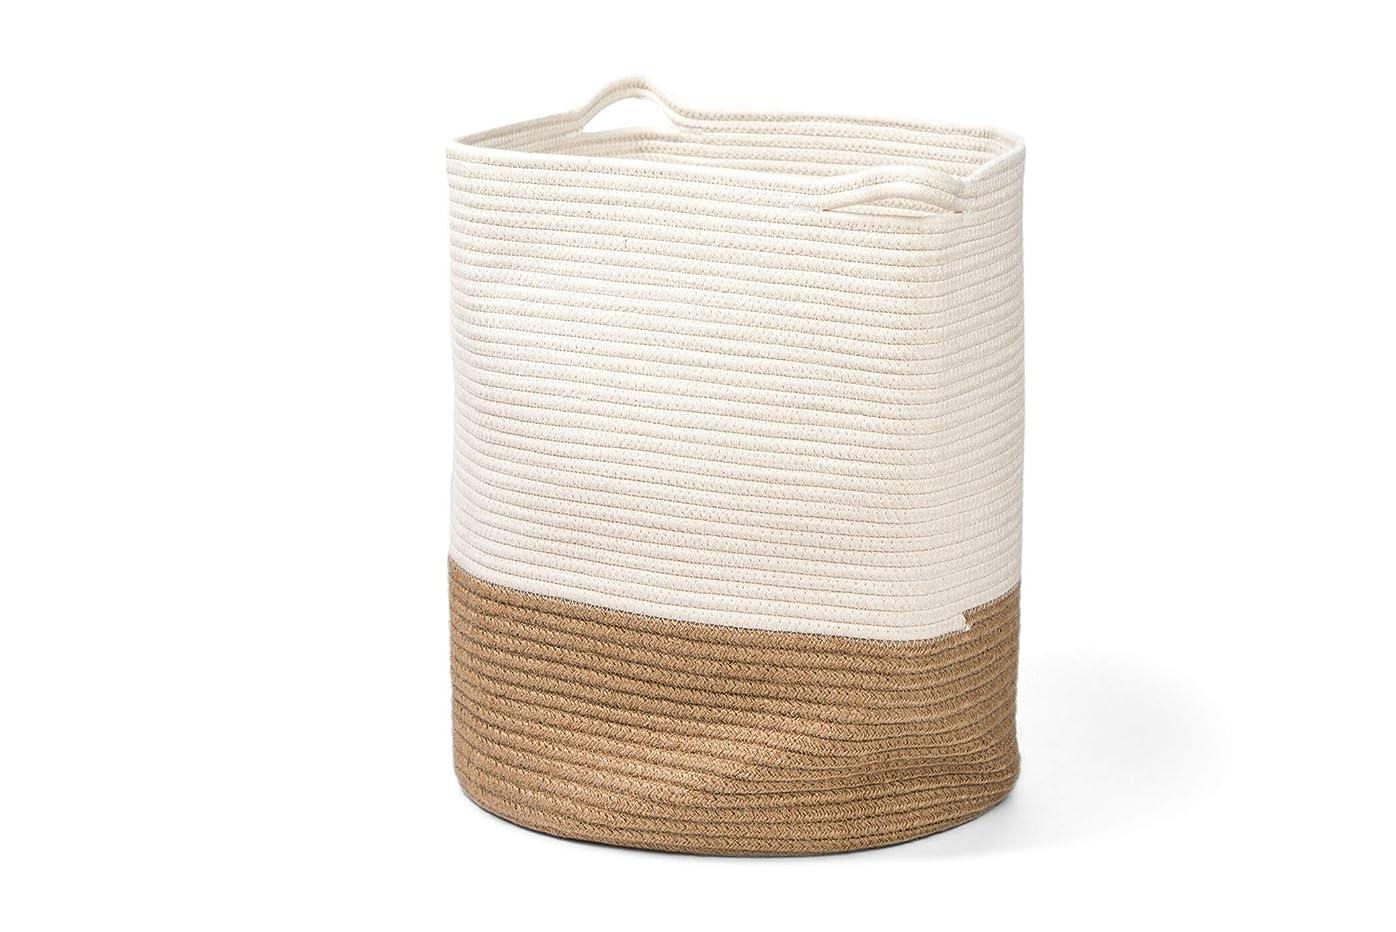 比率ネコとまり木Oakey Living コットンロープバスケット 化学物質を含まずお肌に優しい 頑丈 傷がつきづらい バスケット 収納ボックス 綿 コットン バスケット 収納バッグ おもちゃ入れ 洗濯かご ランドリーバスケット タオル収納 インテリア オシャレな色使い 大きなサイズ 40.6cm(奥行)× 45.7cm(高さ)